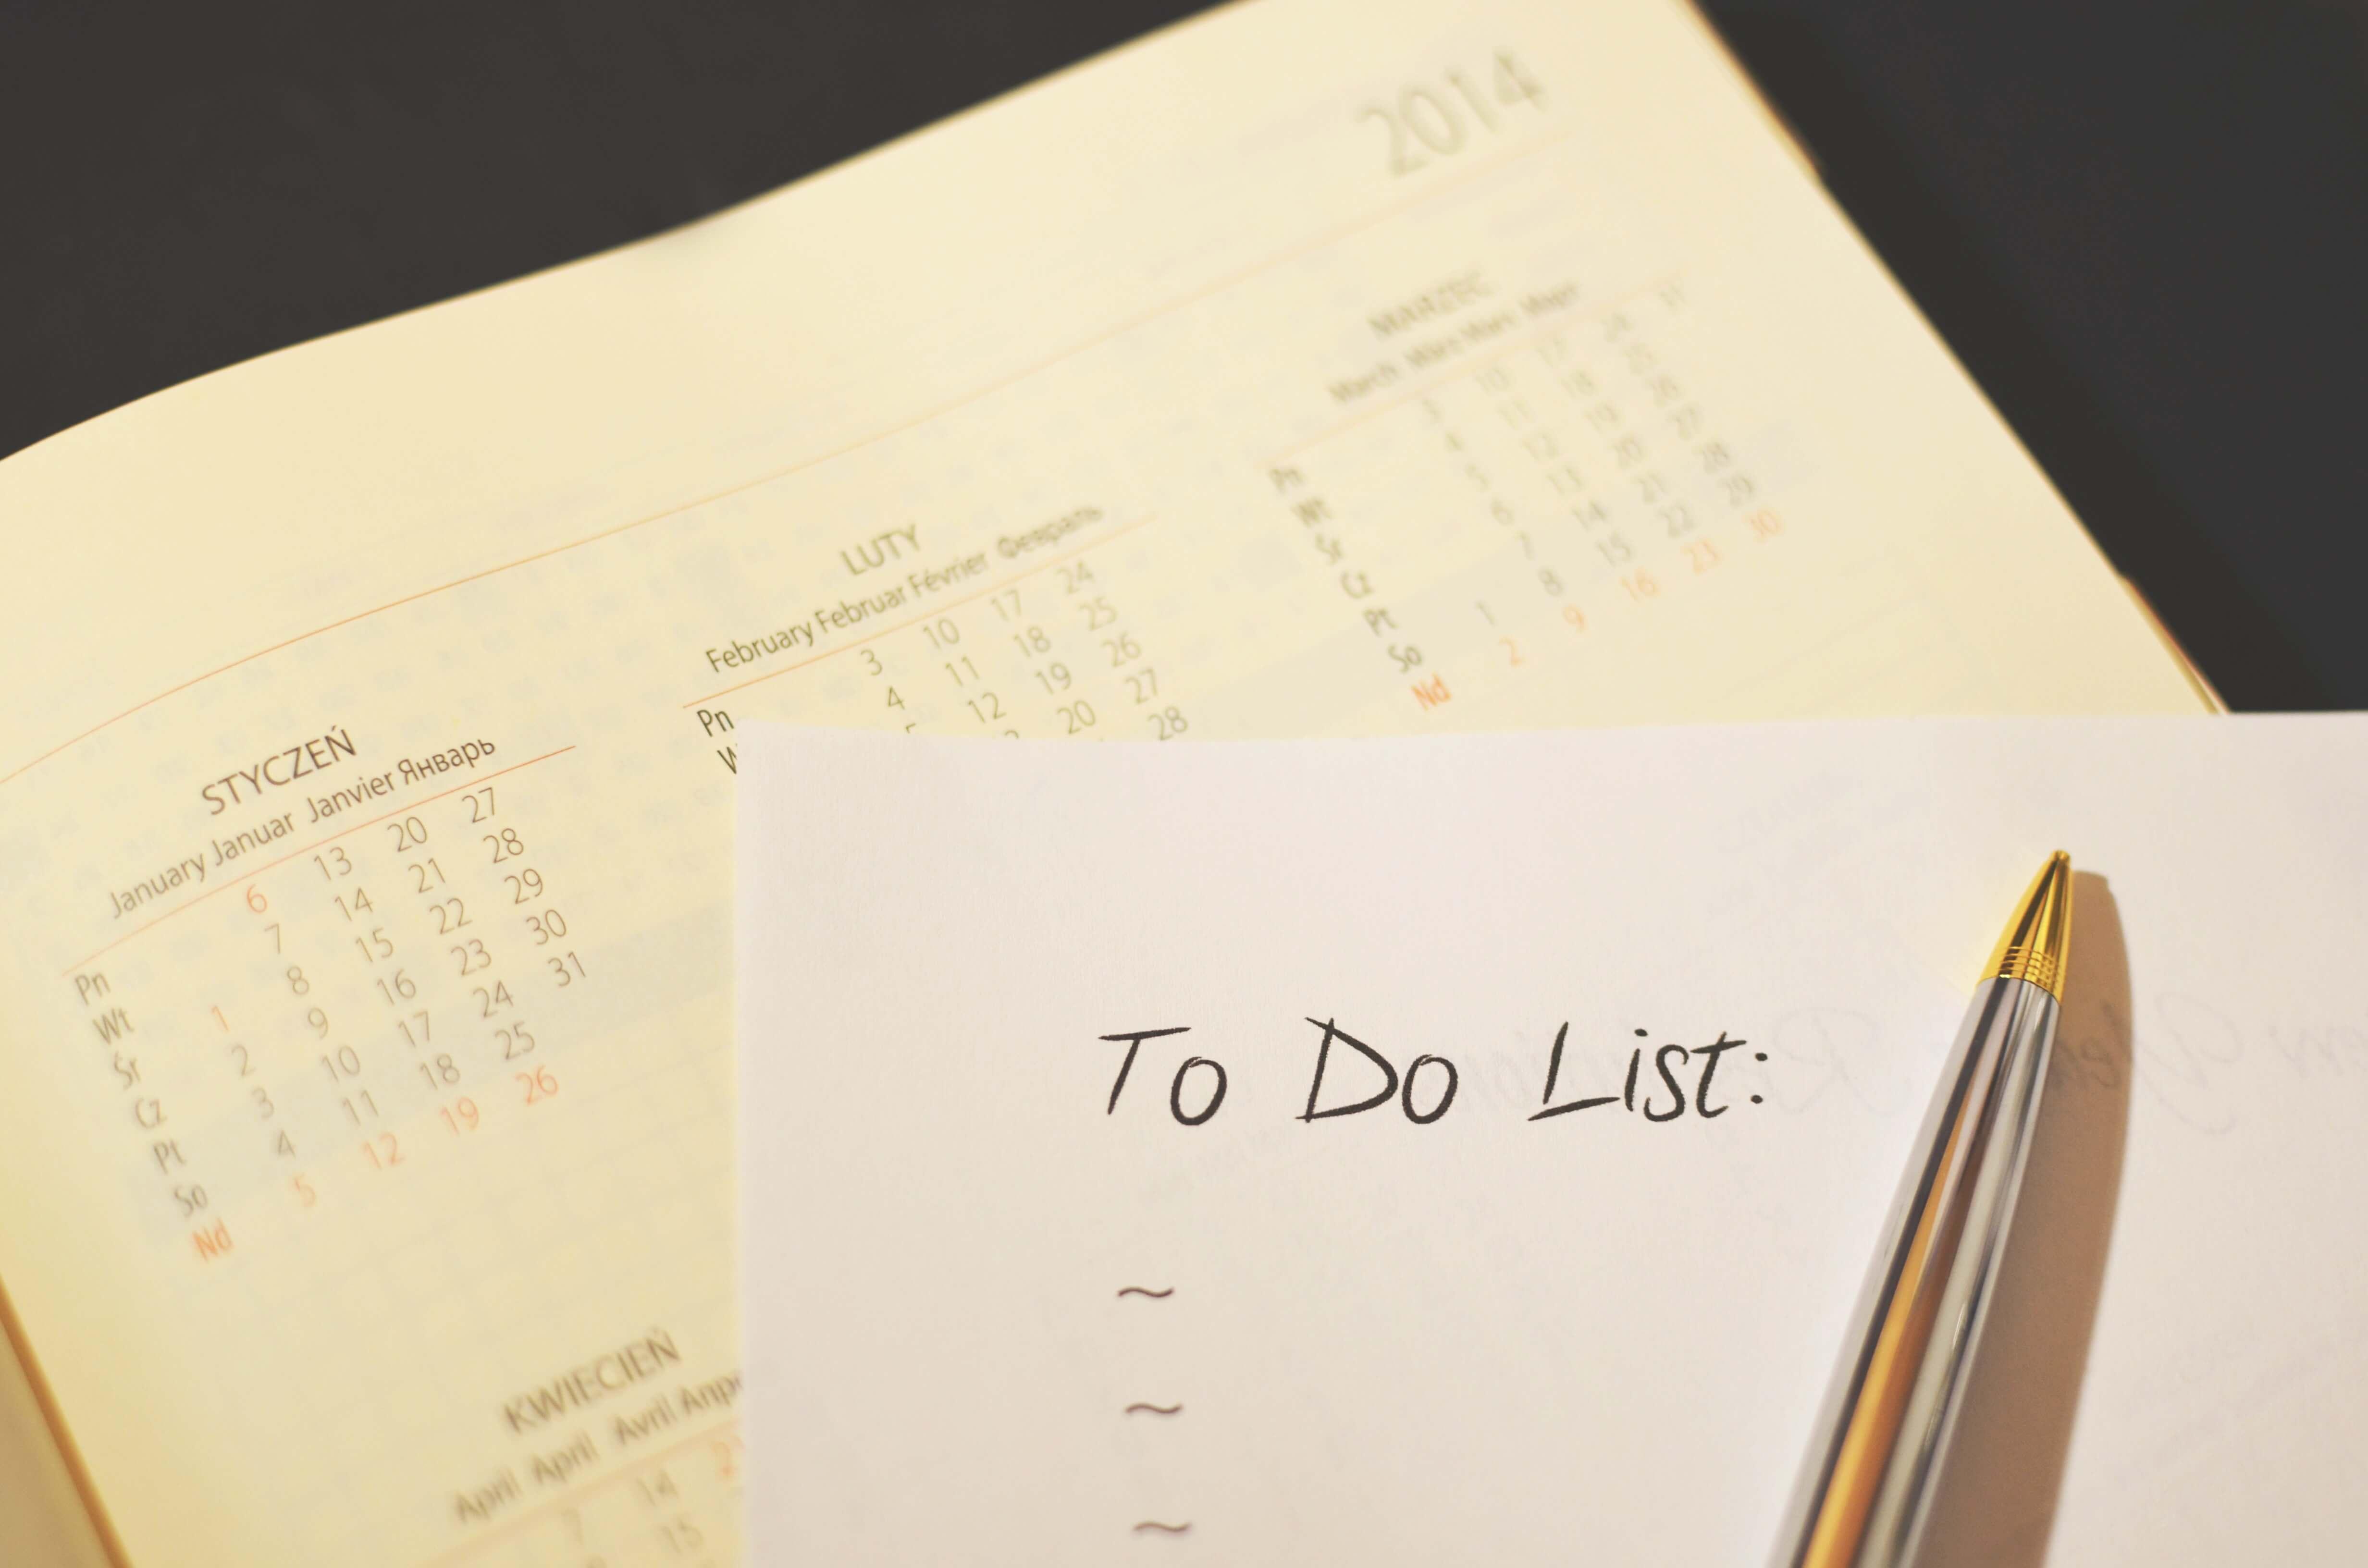 Przeprowadzka - lista rzeczy do zrobienia - image